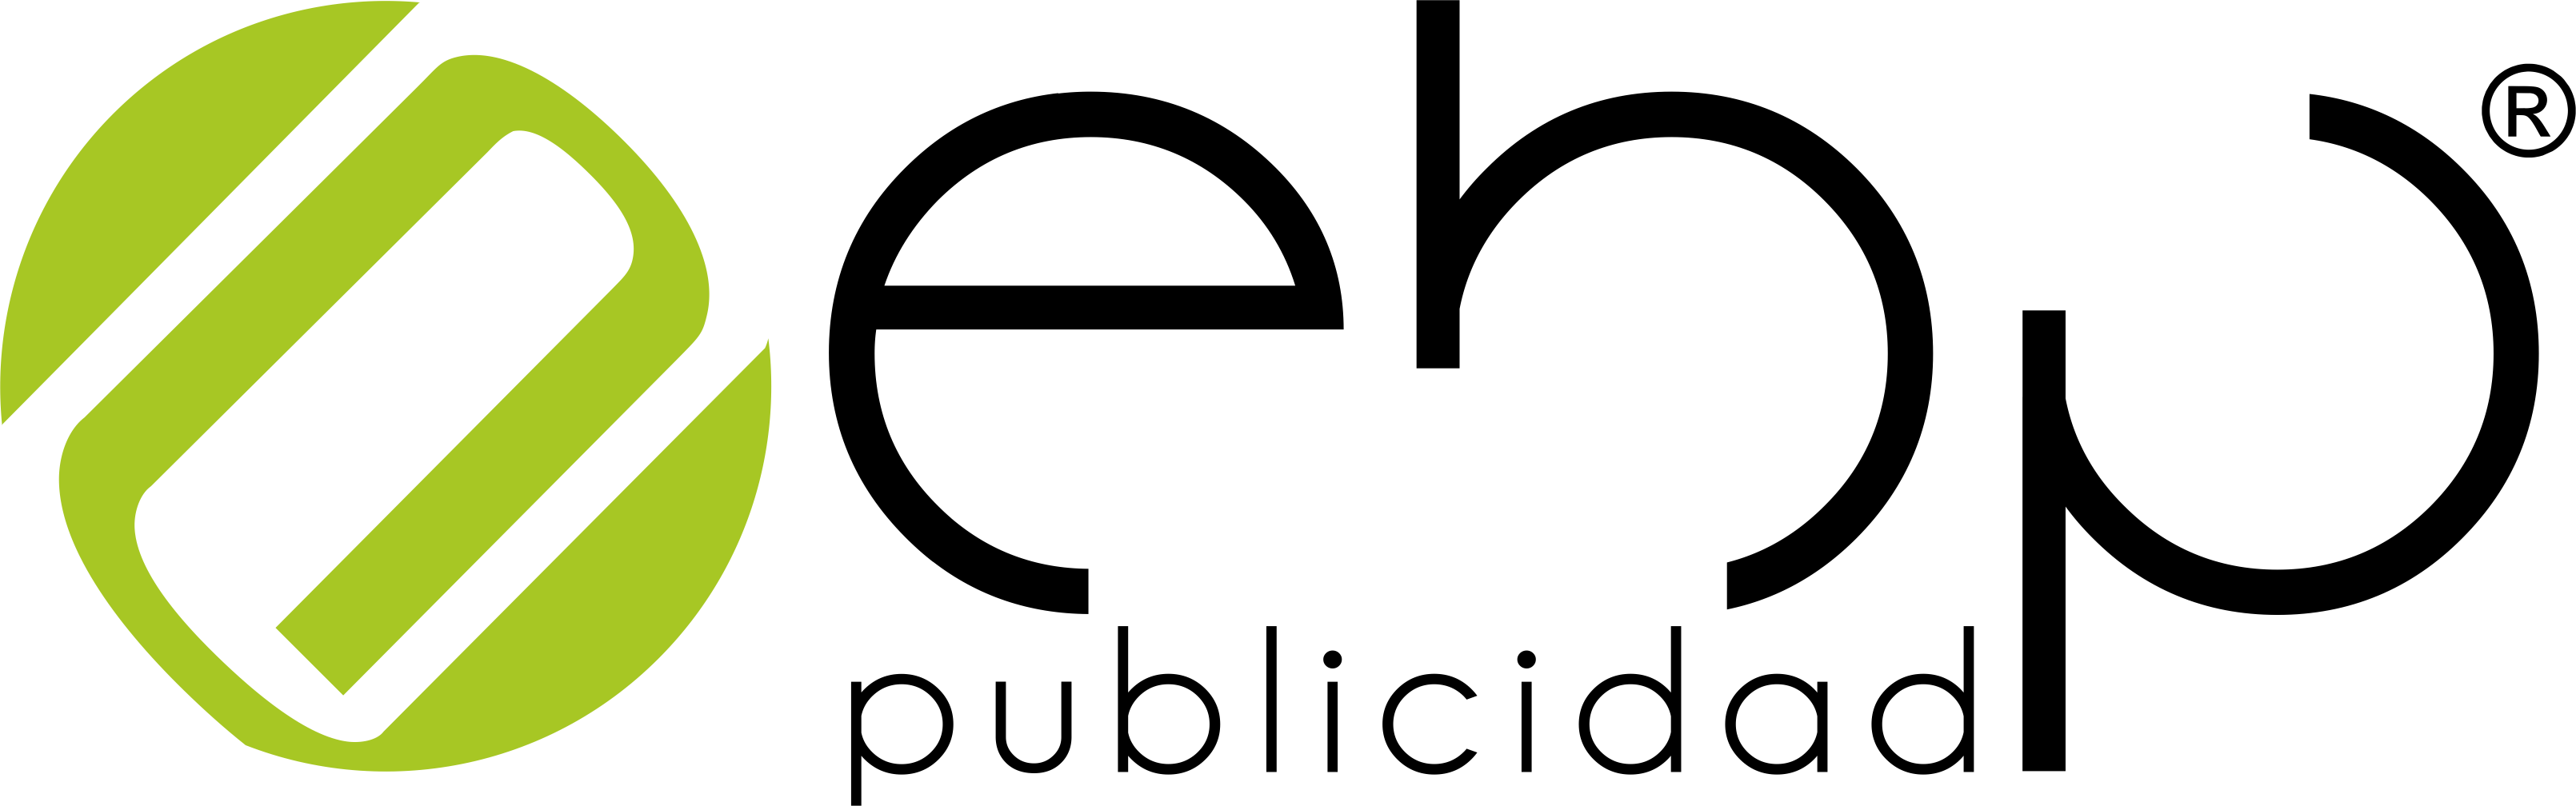 EBPpublicidad